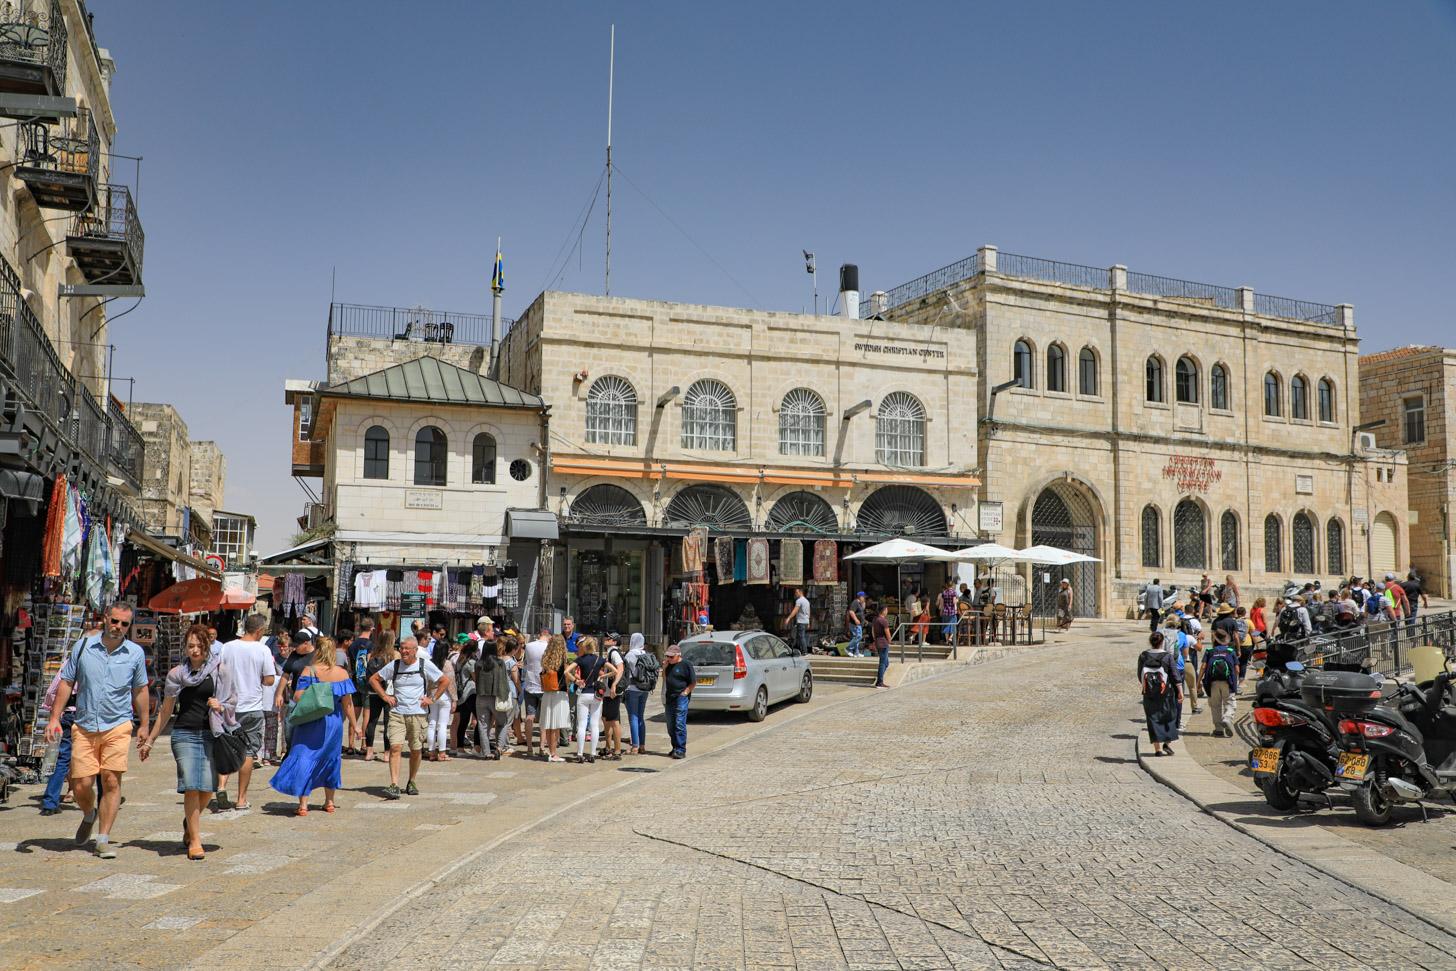 zonnig weer in Jeruzalem